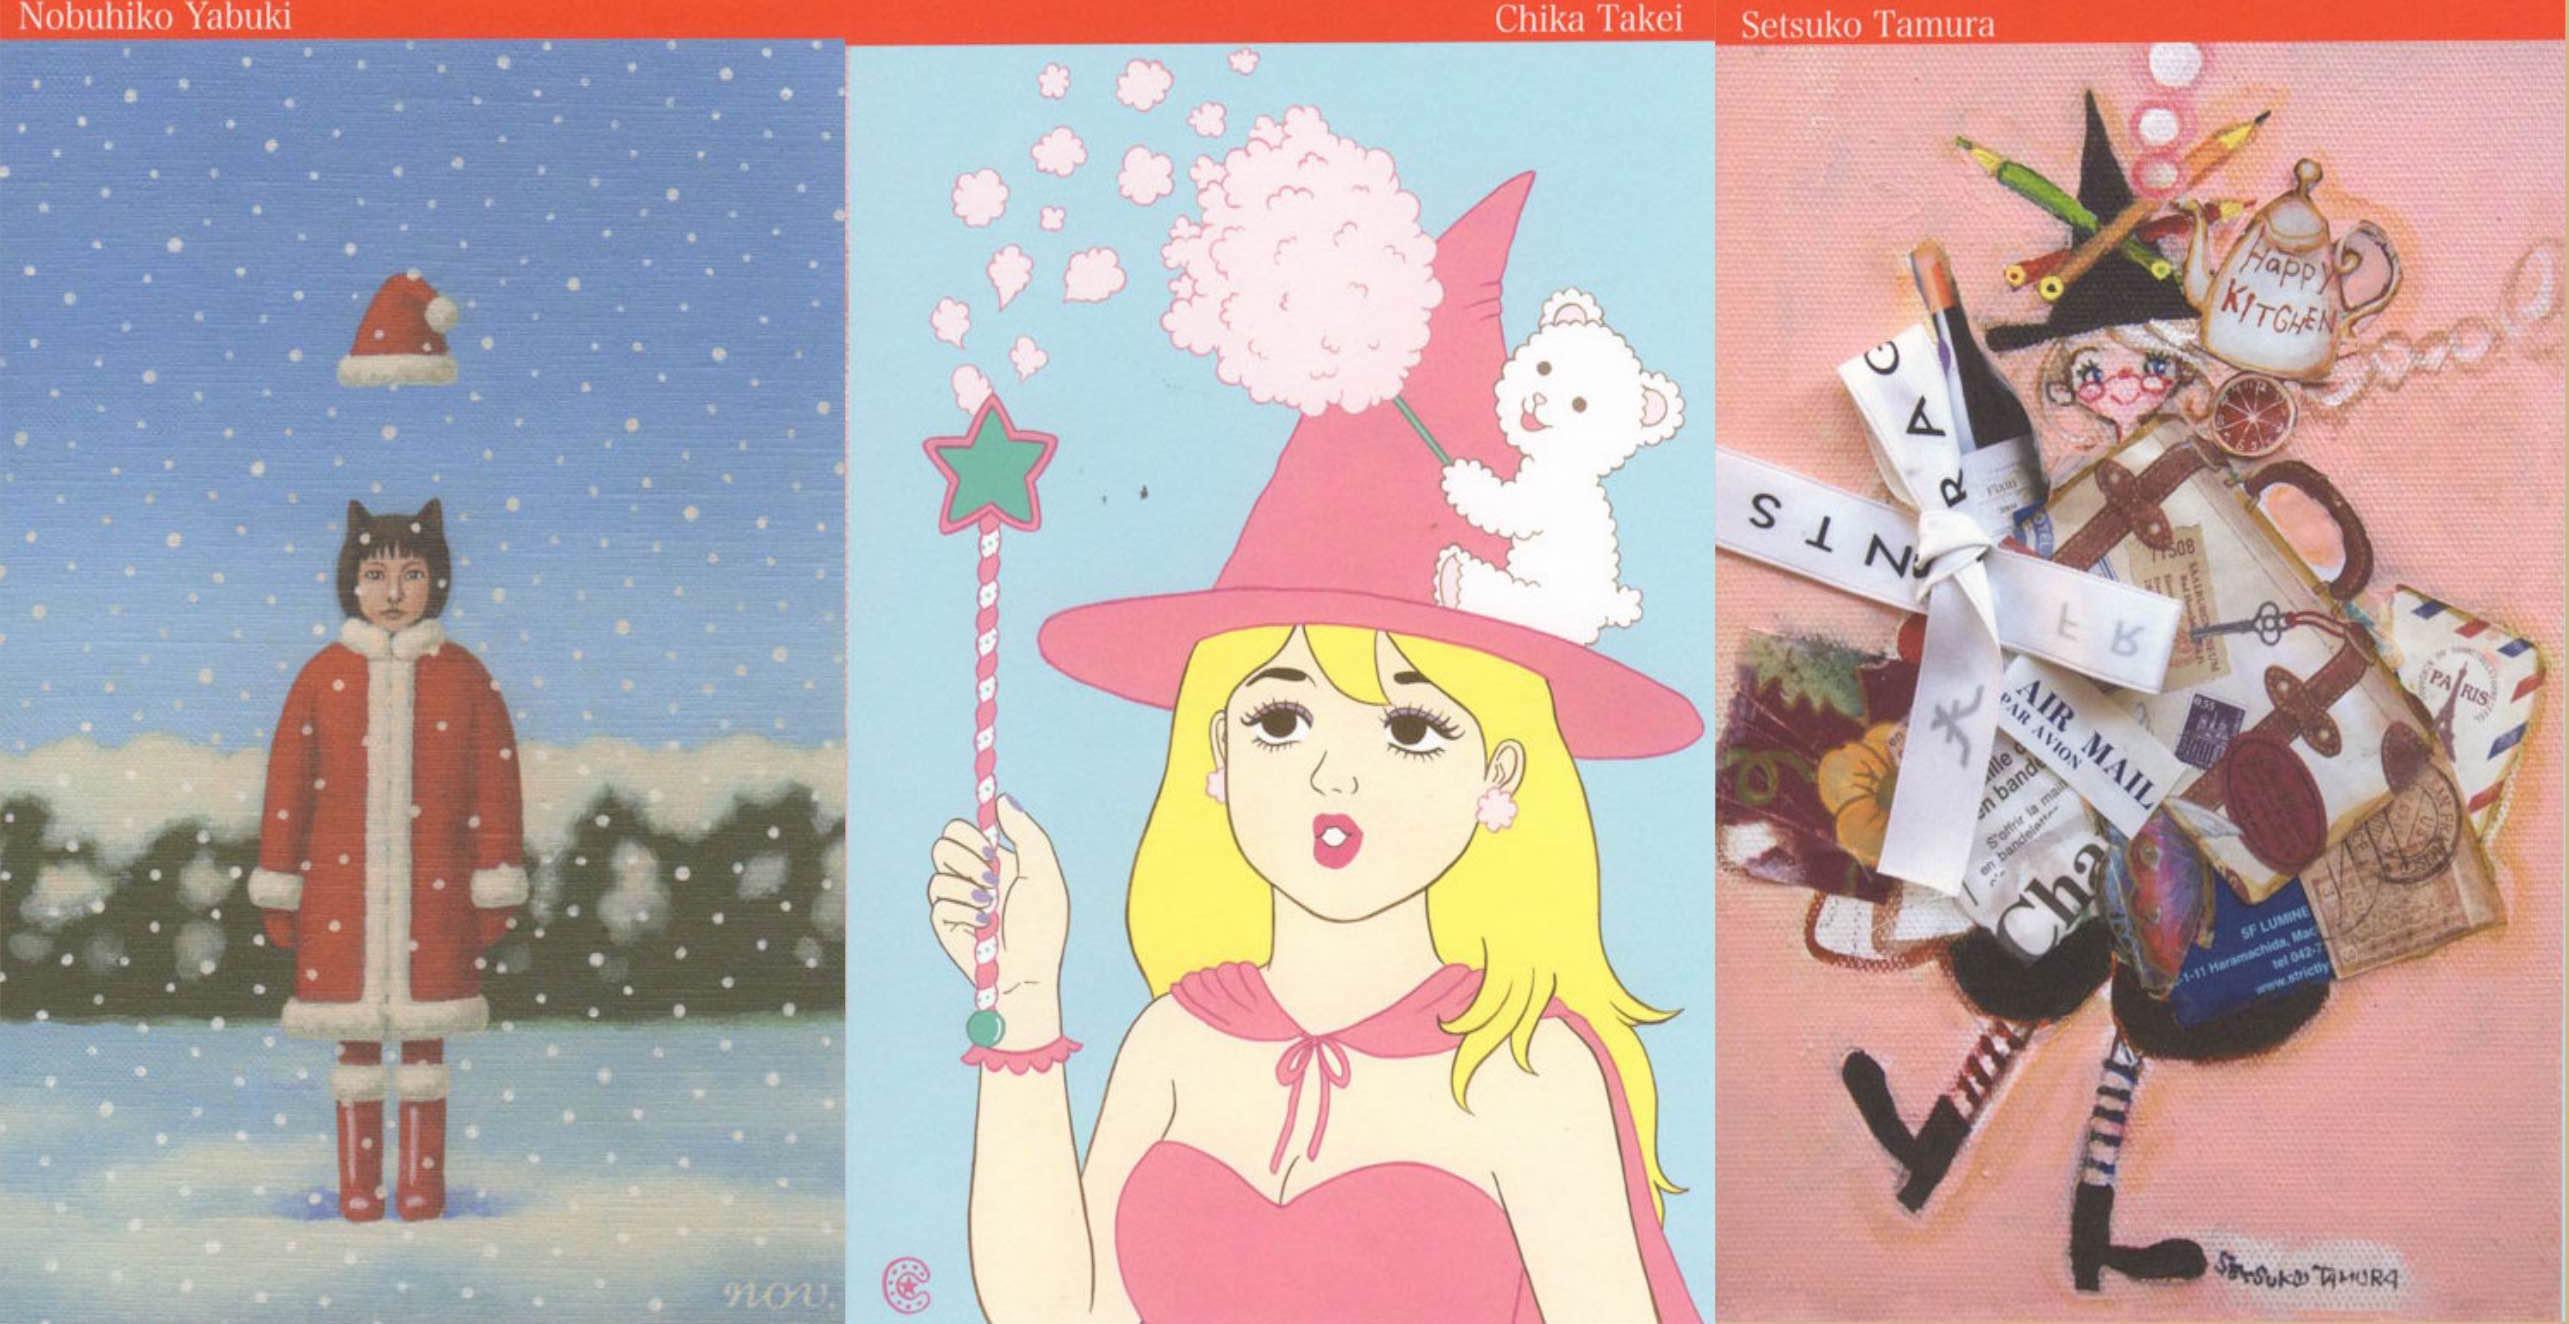 アートが織りなす Winter magic「冬の魔法」【今週のおすすめアート】